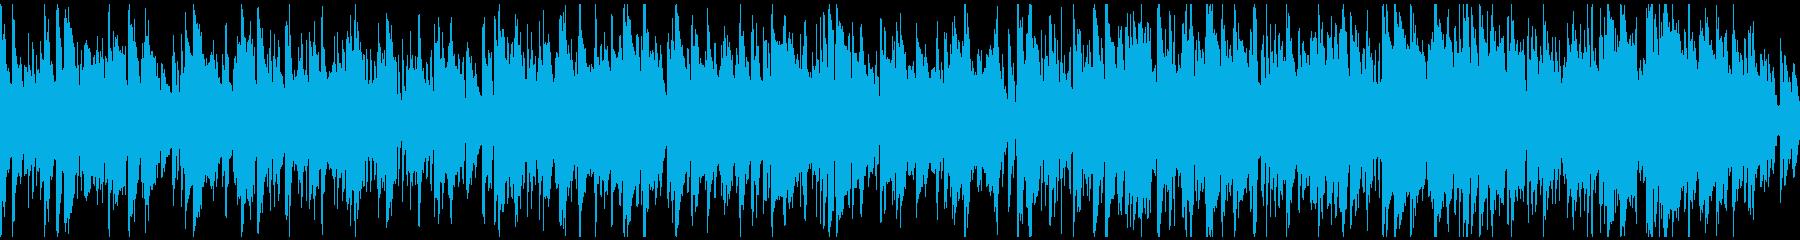 ソフトなボサノバ・ジャズ ※ループ仕様版の再生済みの波形